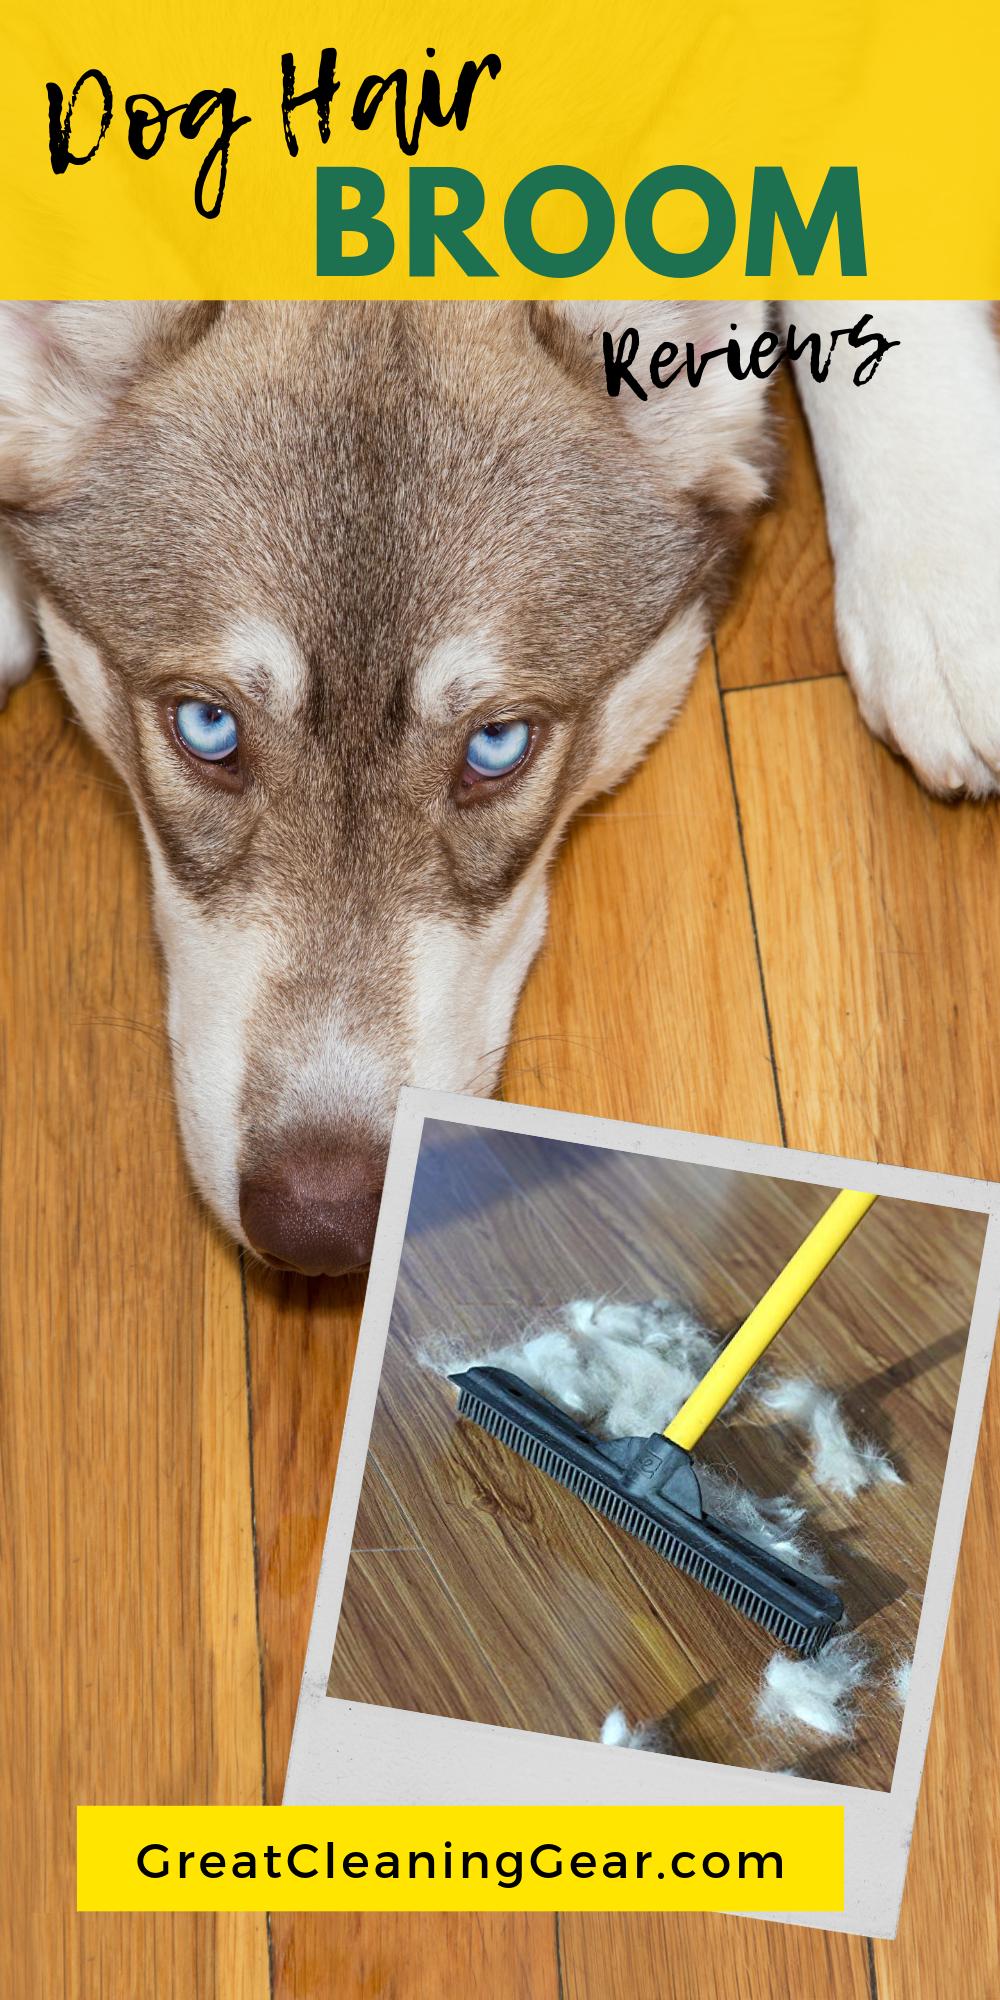 Best Broom for Dog Hair on Hardwood Floors 2020 Best